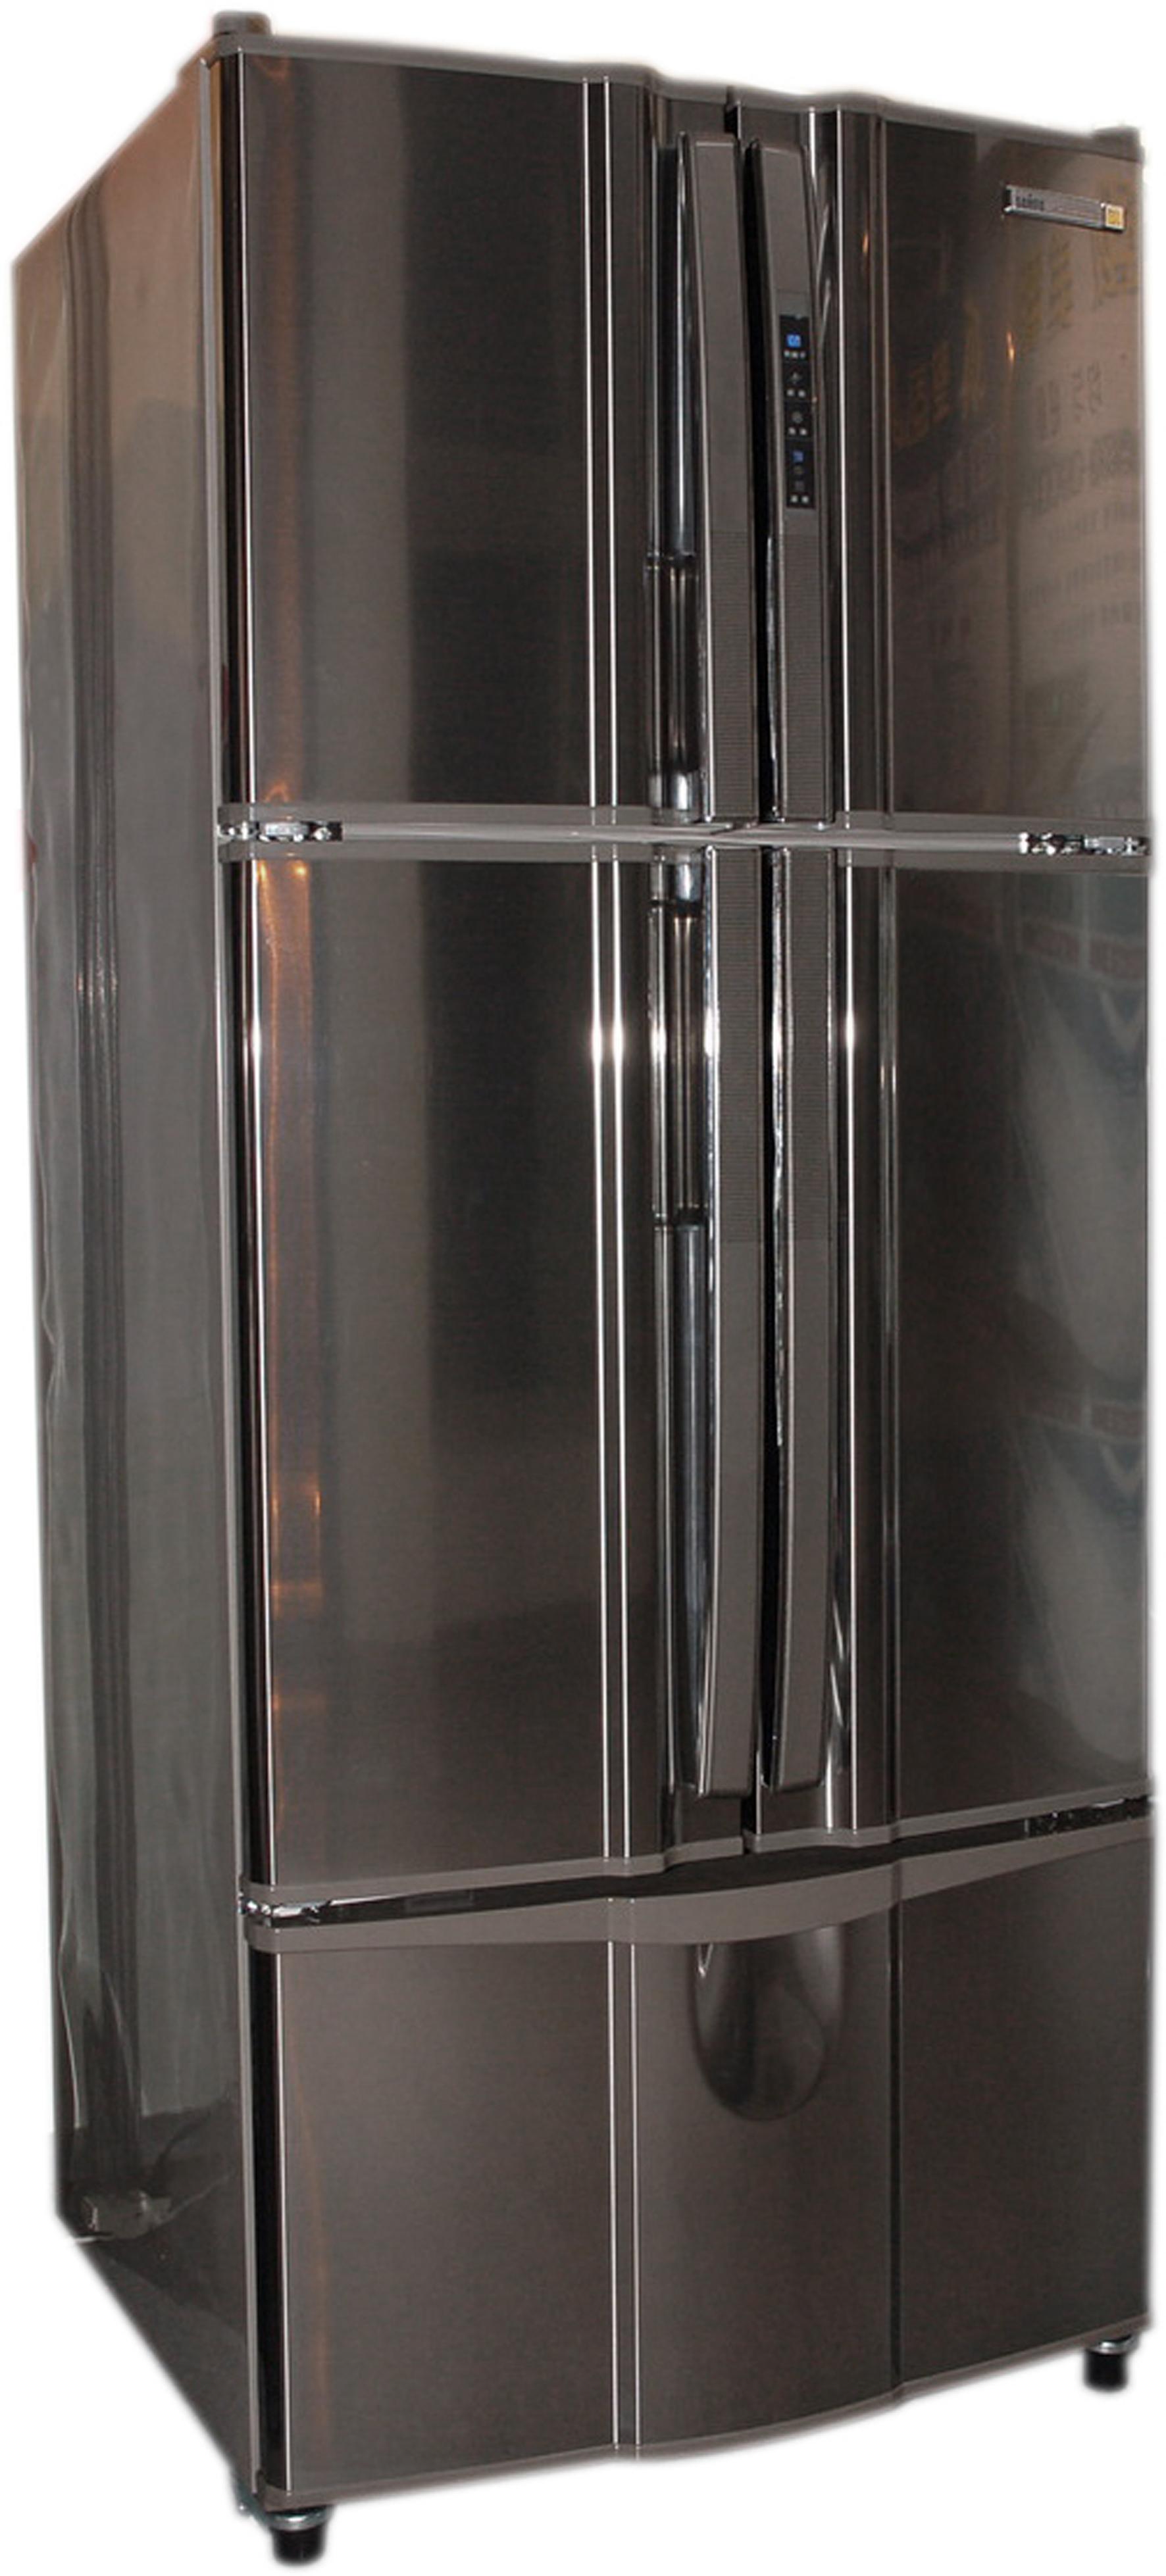 五門變頻冰箱